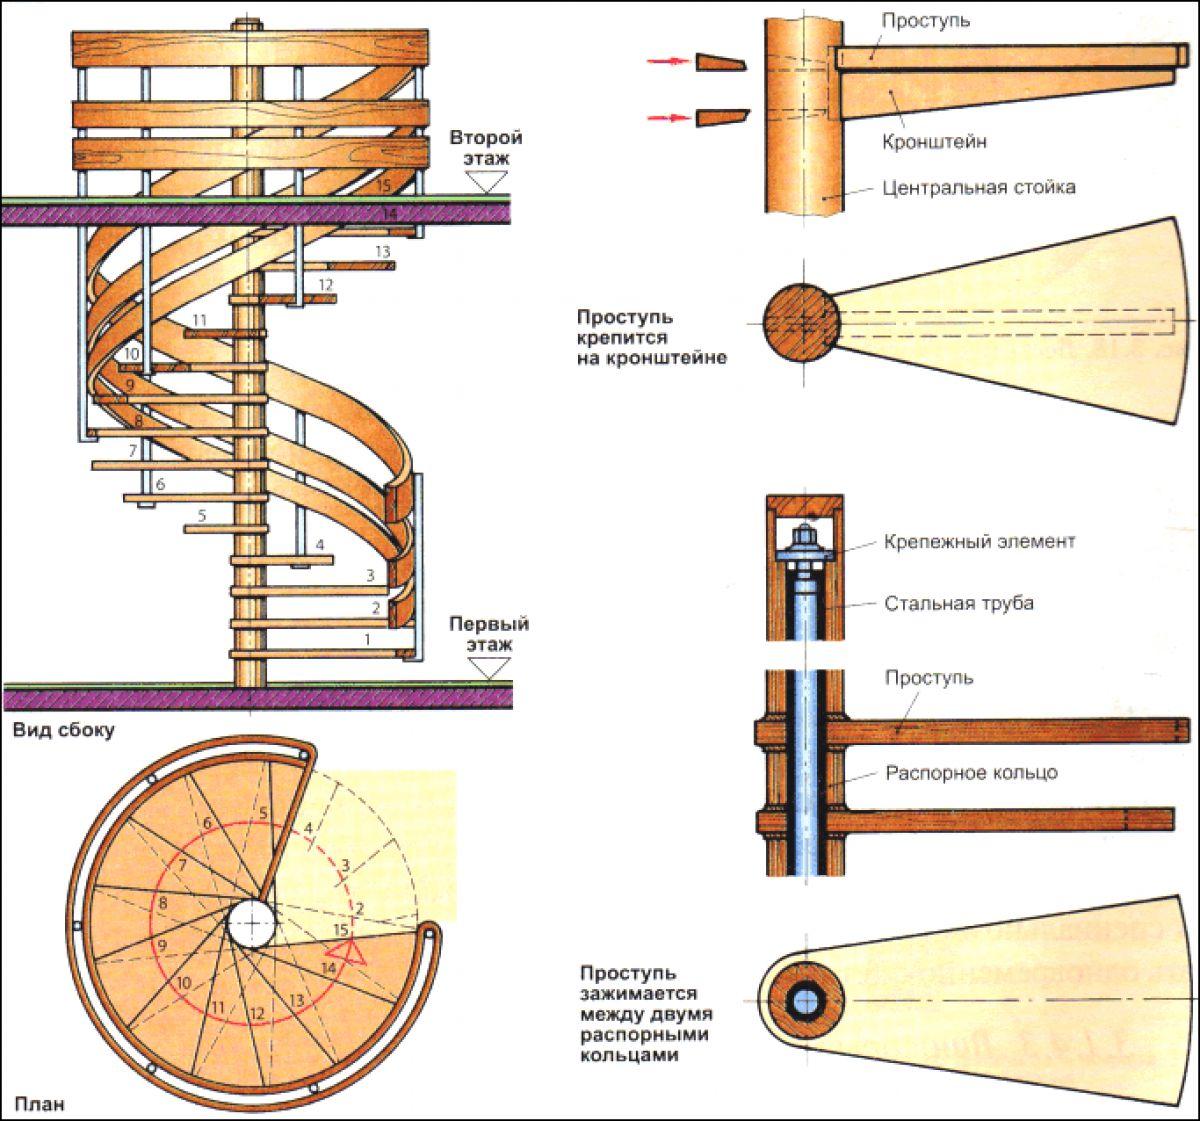 Винтовая лестница своими руками. Виды винтовых лестниц, плюсы и минусы 3405